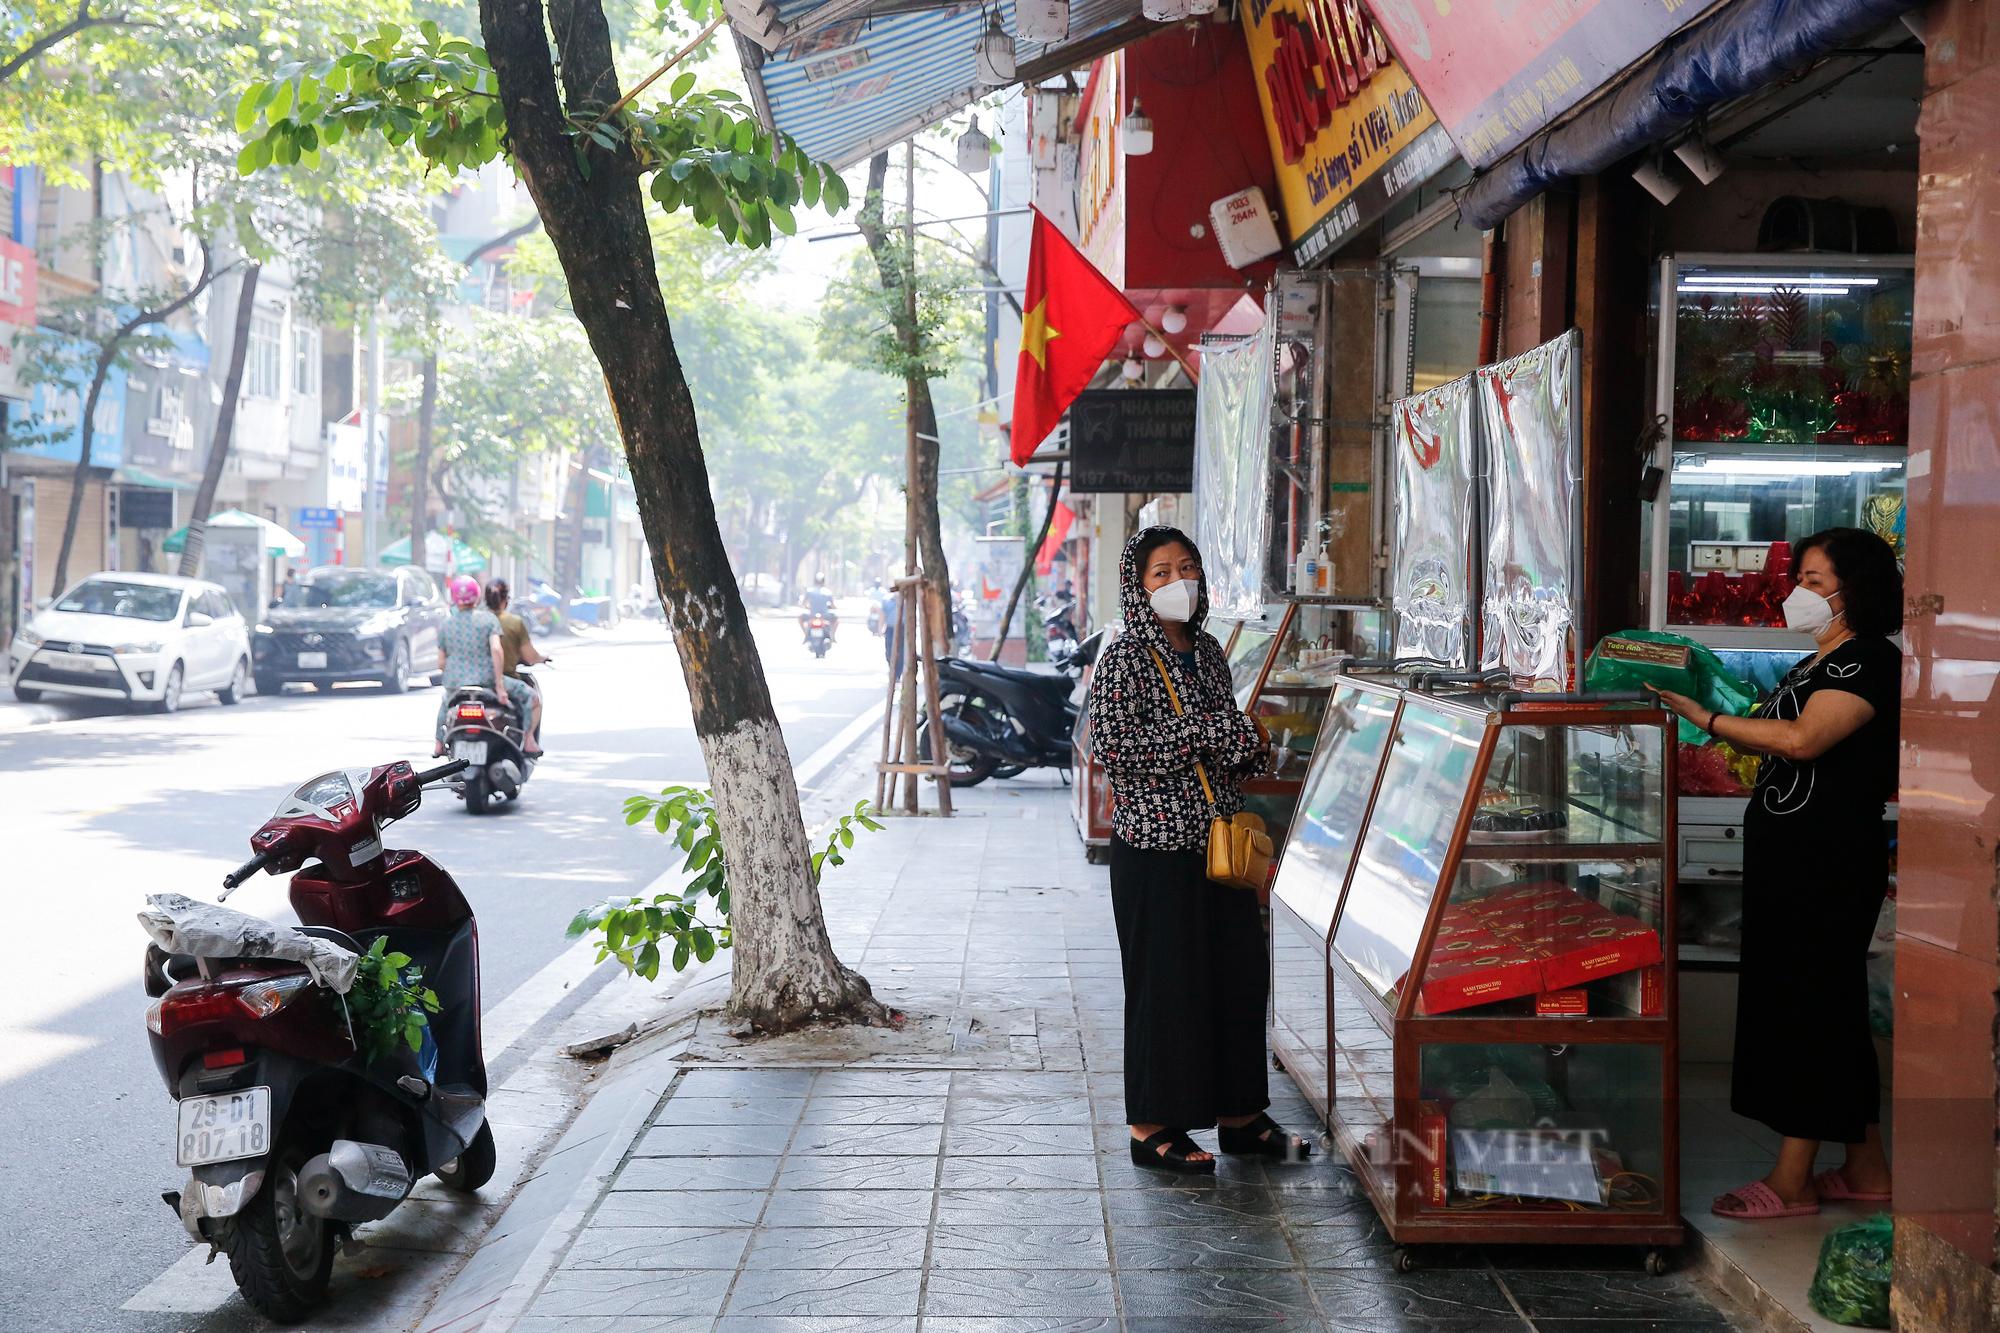 Thị trường bánh trung thu ảm đạm, cơ sở sản xuất loay hoay tìm kênh online - Ảnh 5.